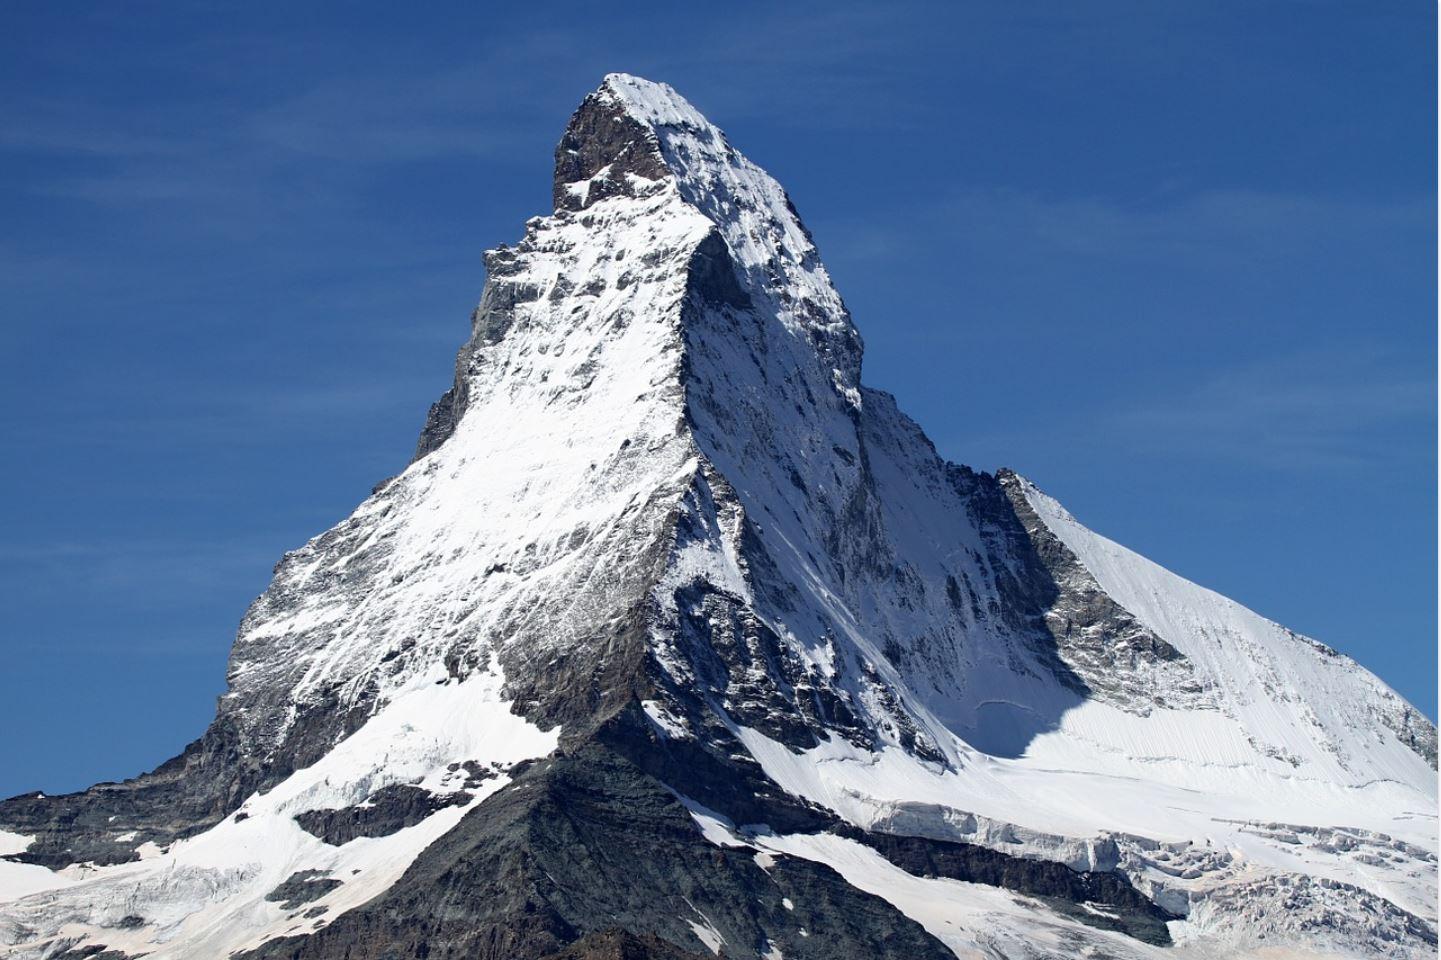 Der Berg im Logo des Rother Verlages ist unverkennbar